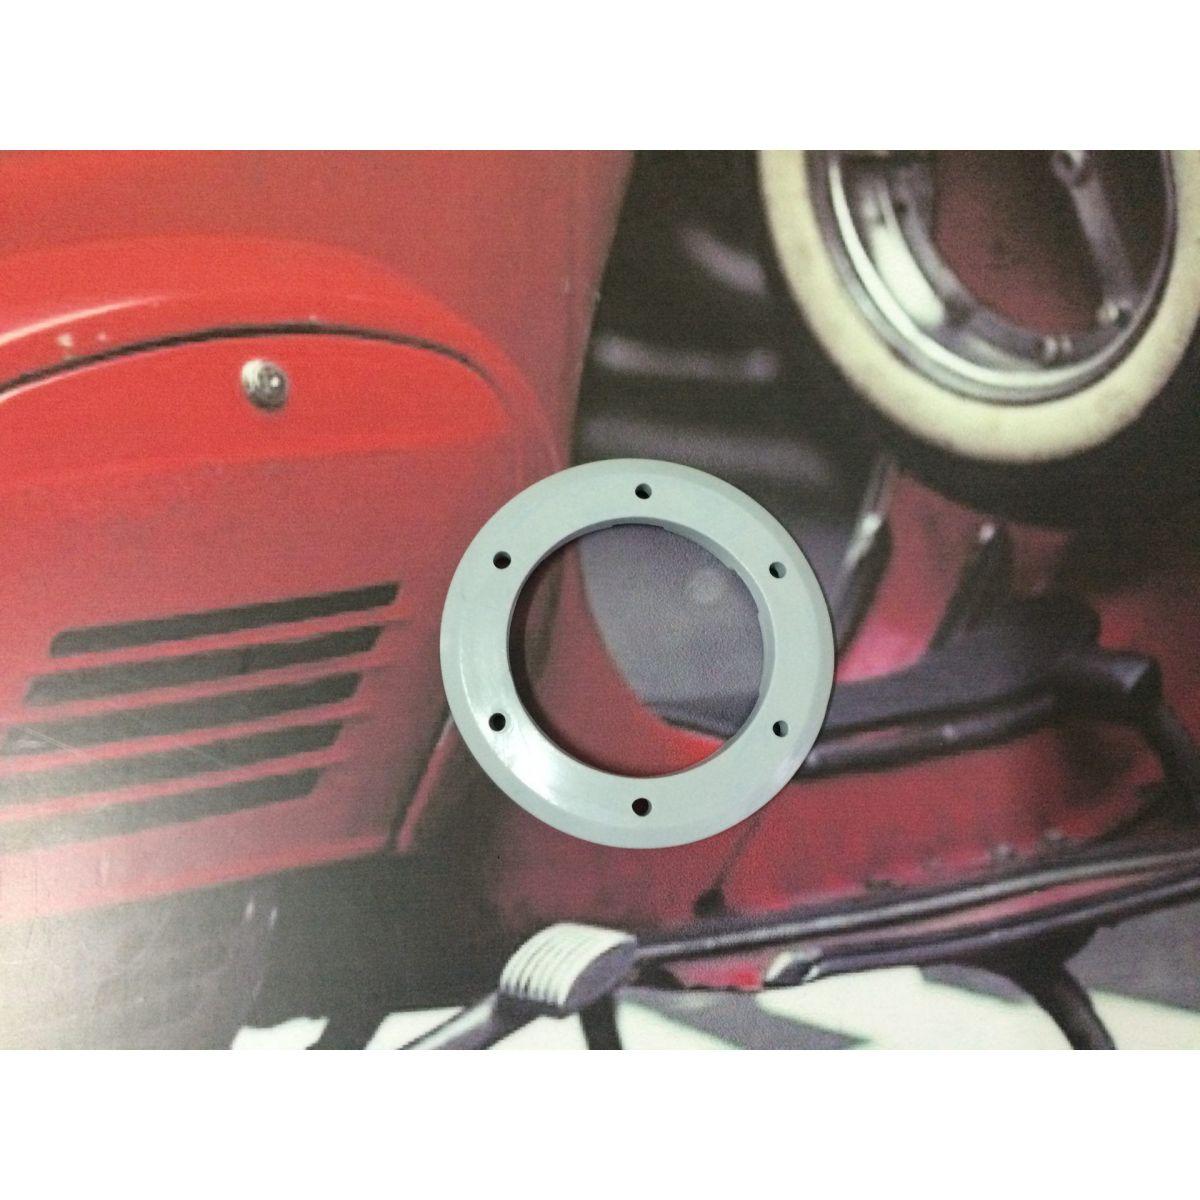 Guarnizione clacson grigia per VESPA 125 150 180 cc. SUPER GT GTR GL SPRINT VELOCE RALLY SS qualità italiana